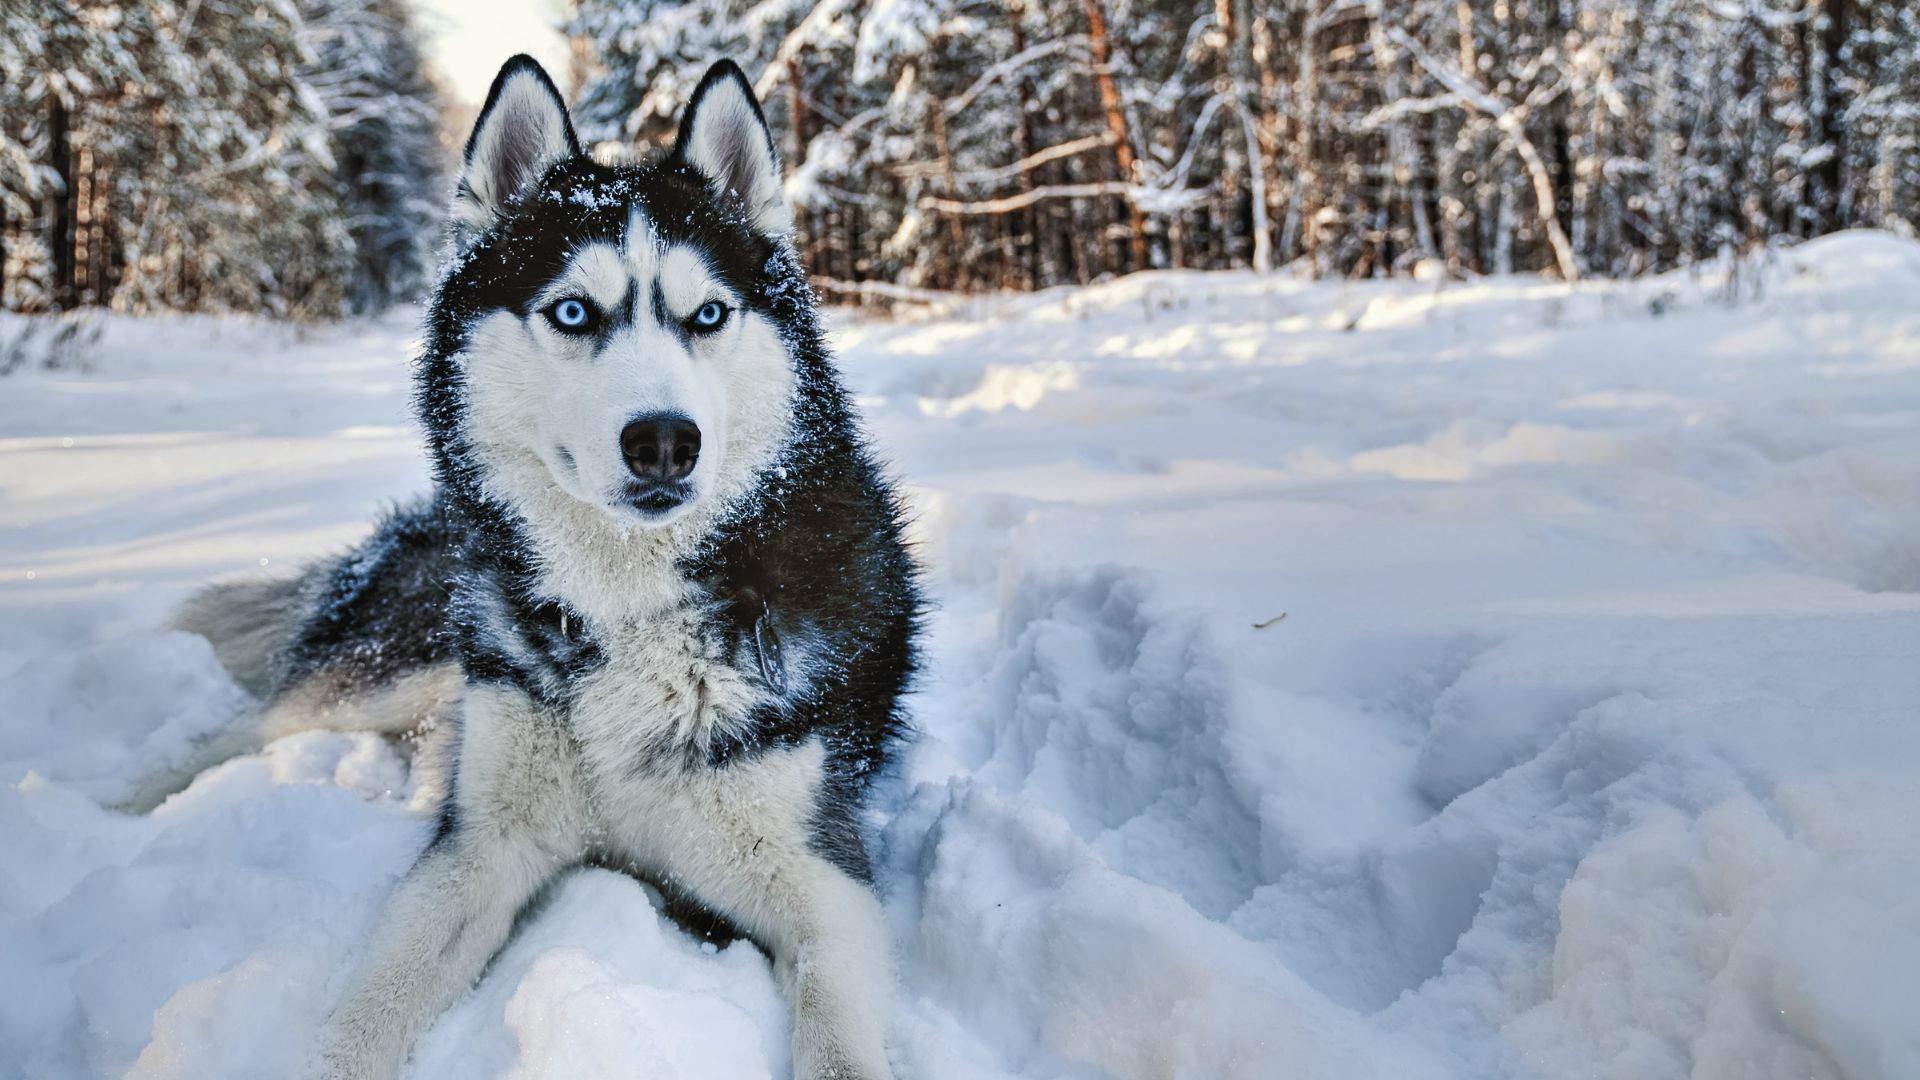 Haskiai - itin populiari šunų veislė sniegingo klimato kraštuose